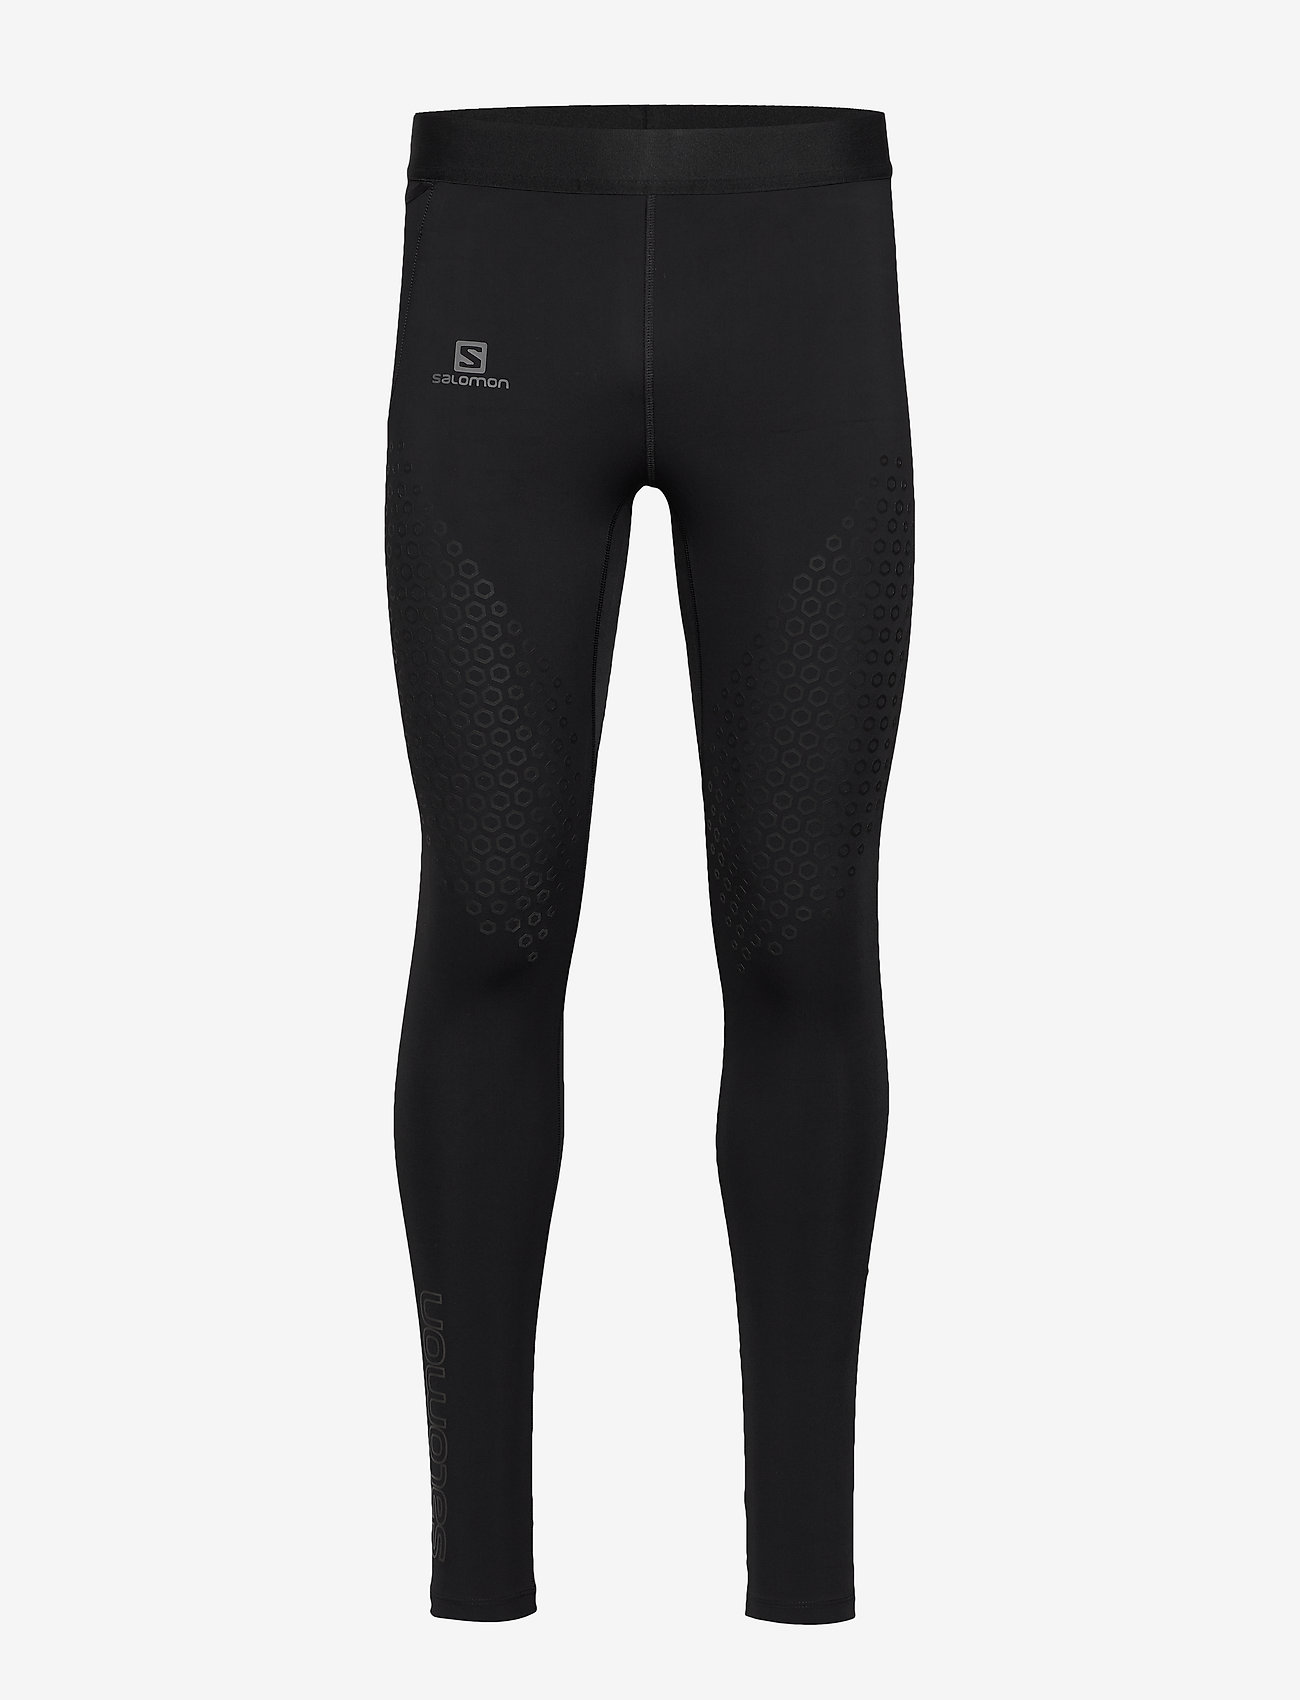 Salomon - EXO MOTION LONG TIGHT M - running & training tights - black - 0